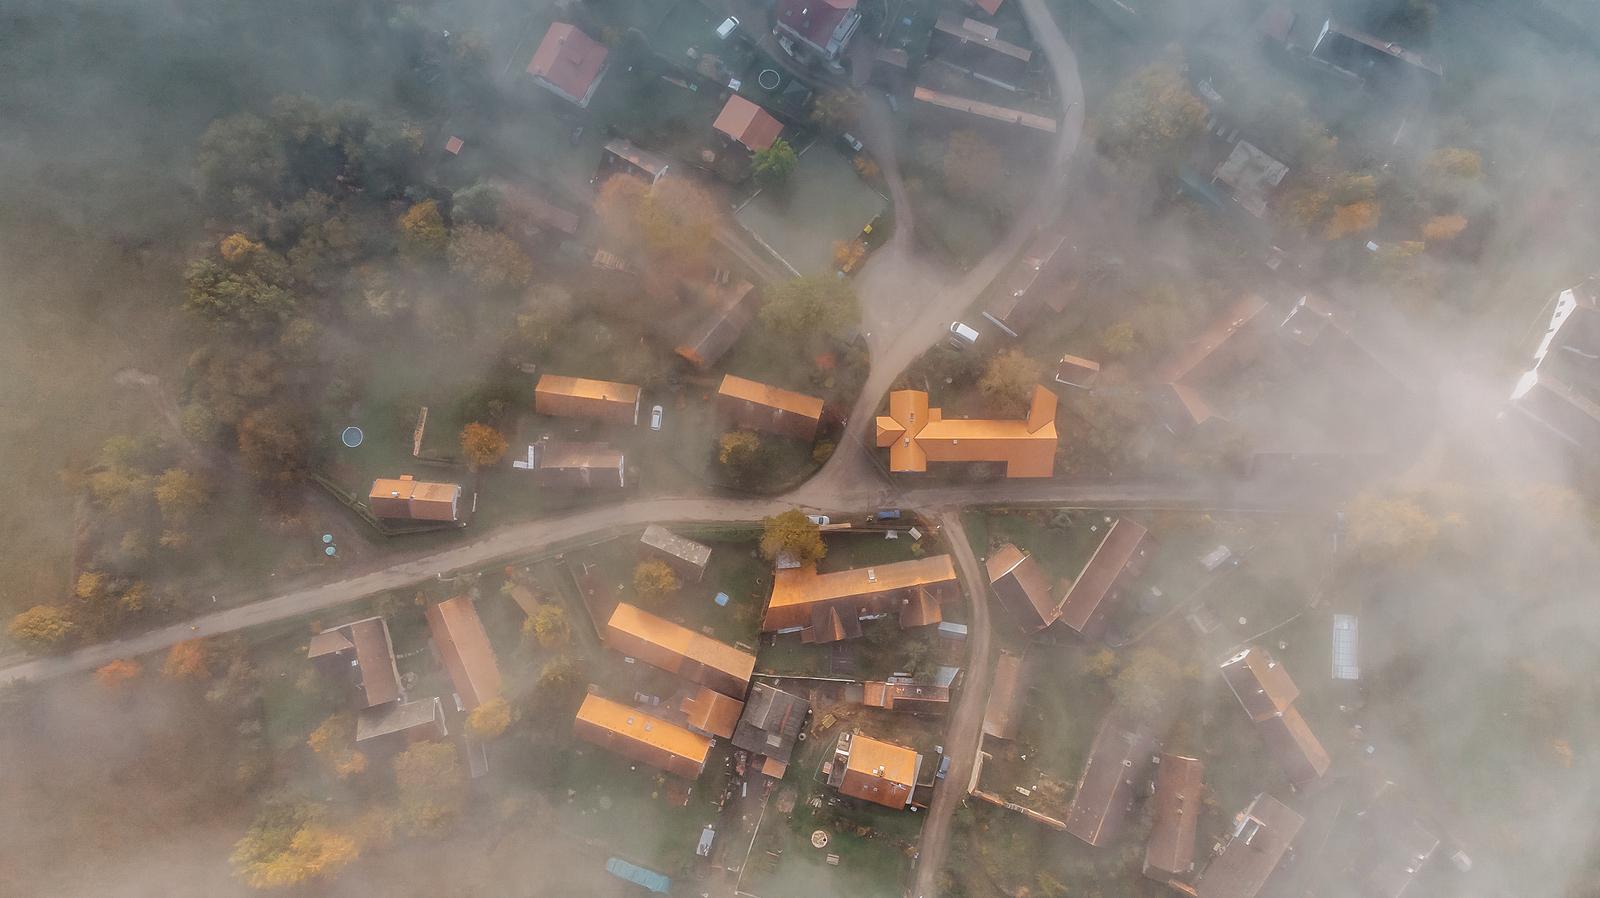 Tierra-contaminación-urbanización